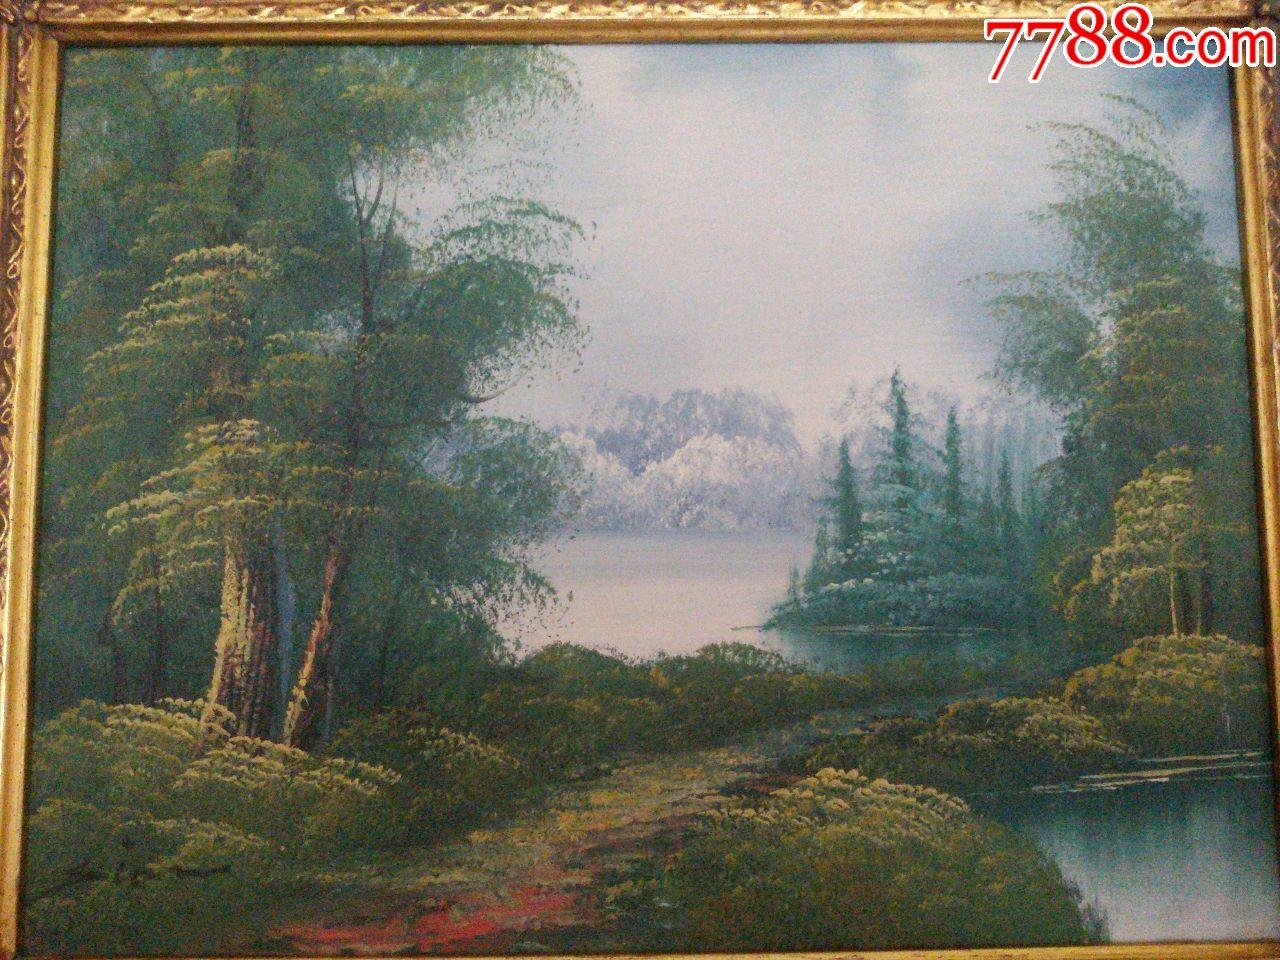 英国风景油画精致画框一幅,英国邮寄!